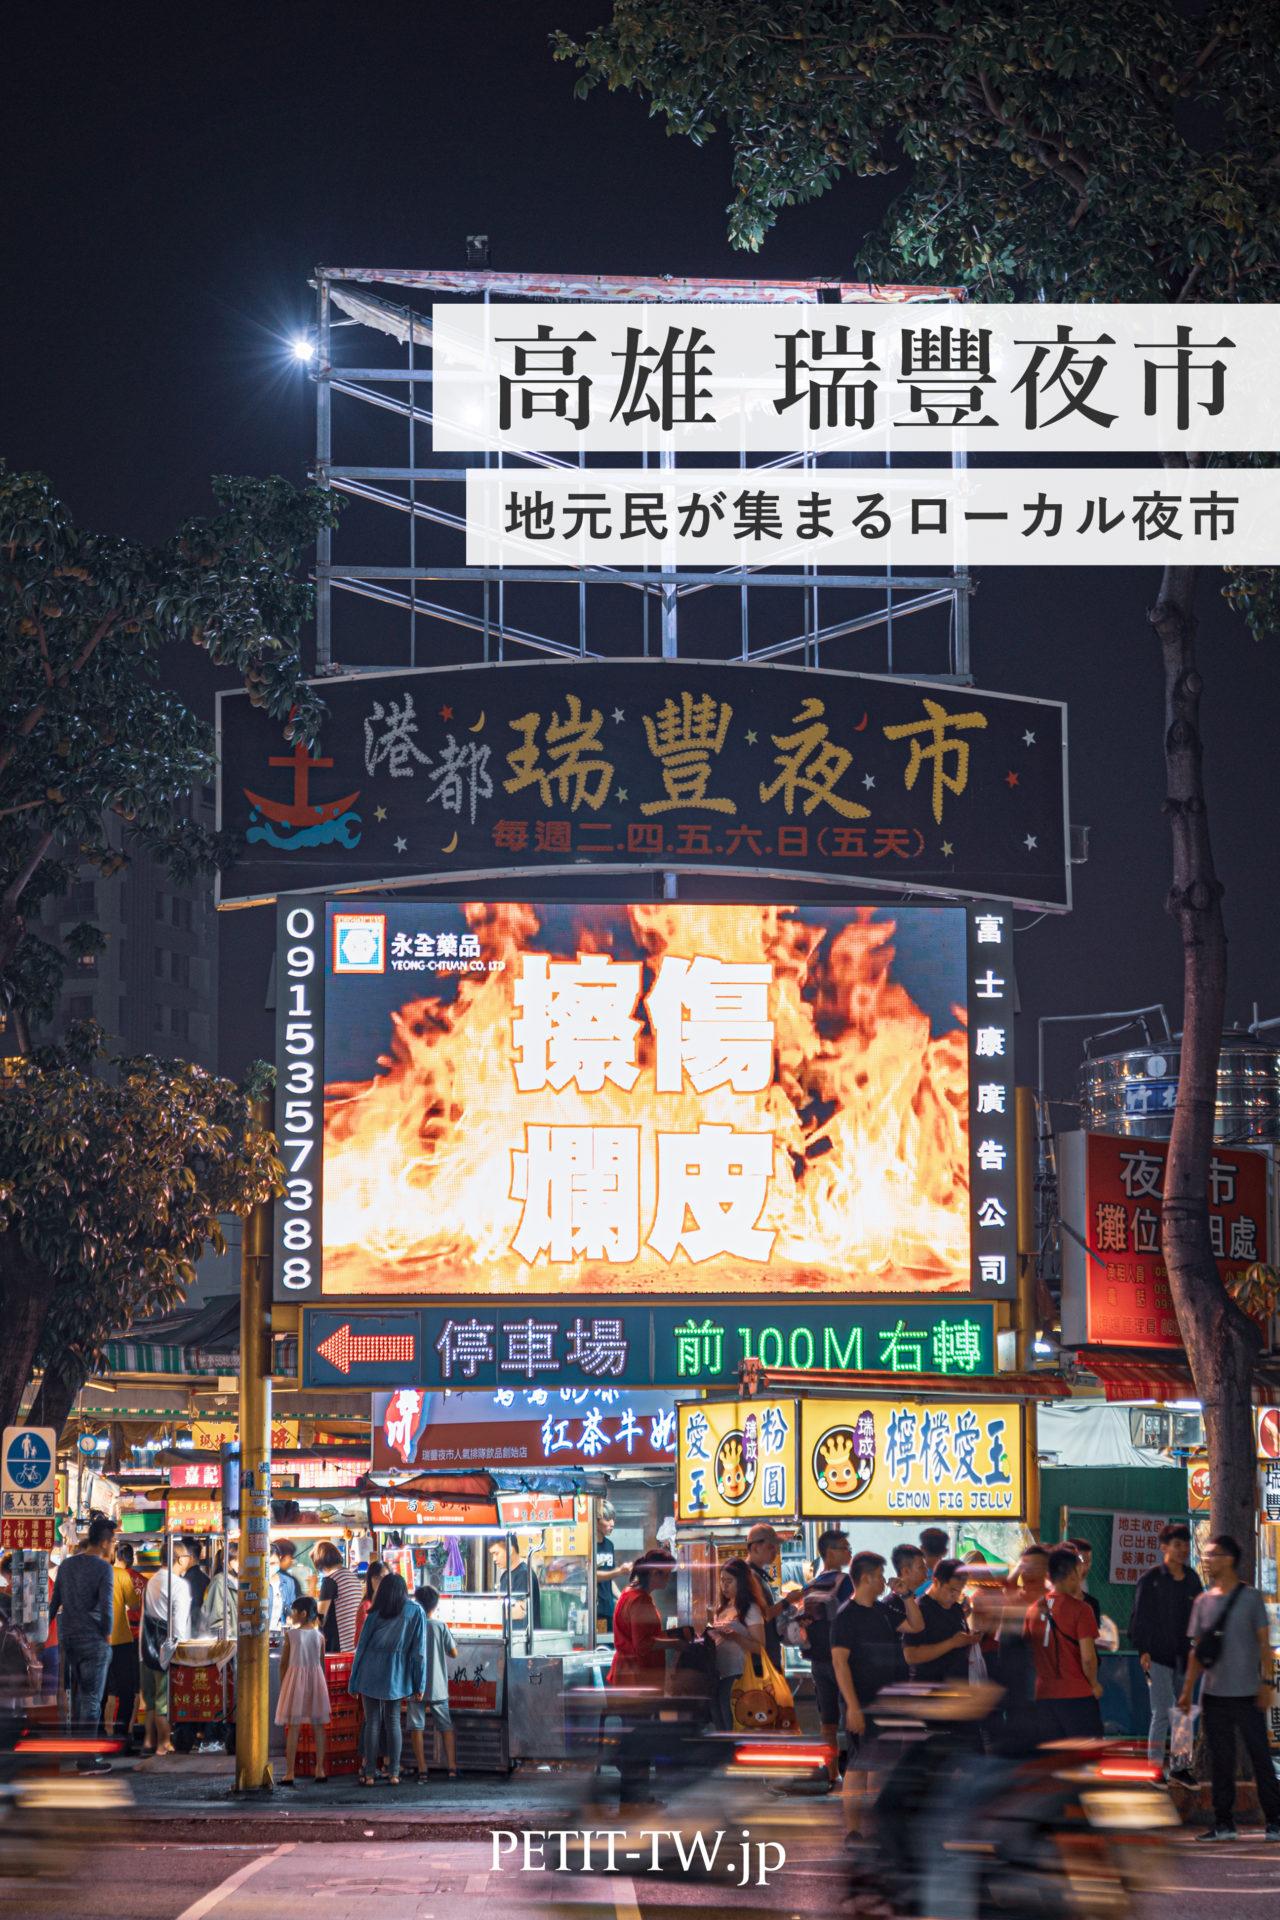 瑞豊夜市 地元民が集まるローカル夜市(高雄)